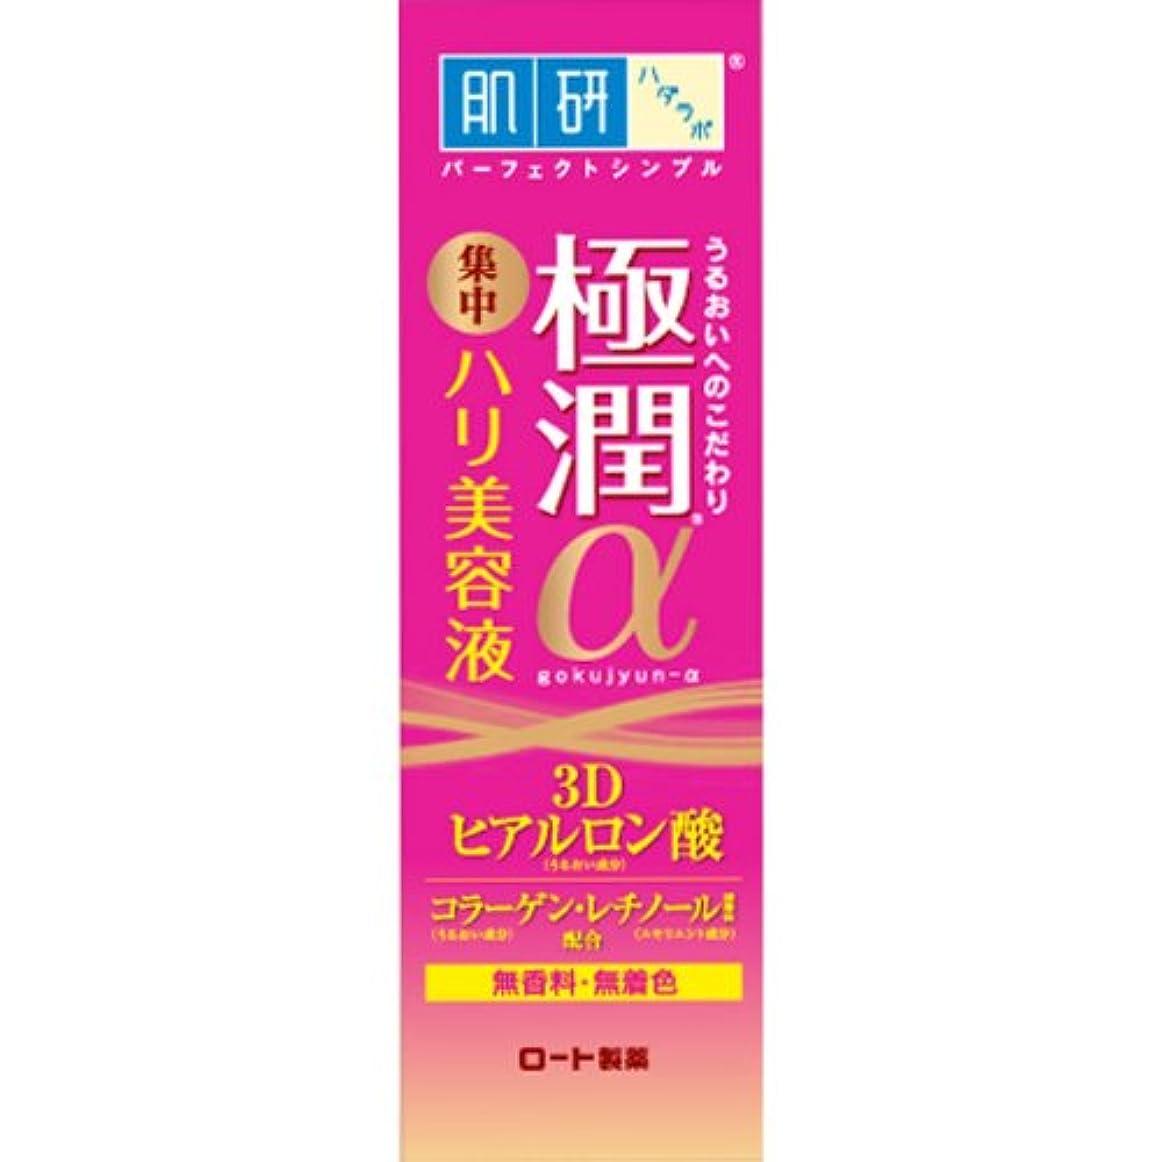 仮説なぞらえる住人肌研(ハダラボ) 極潤 αハリ美容液 30g